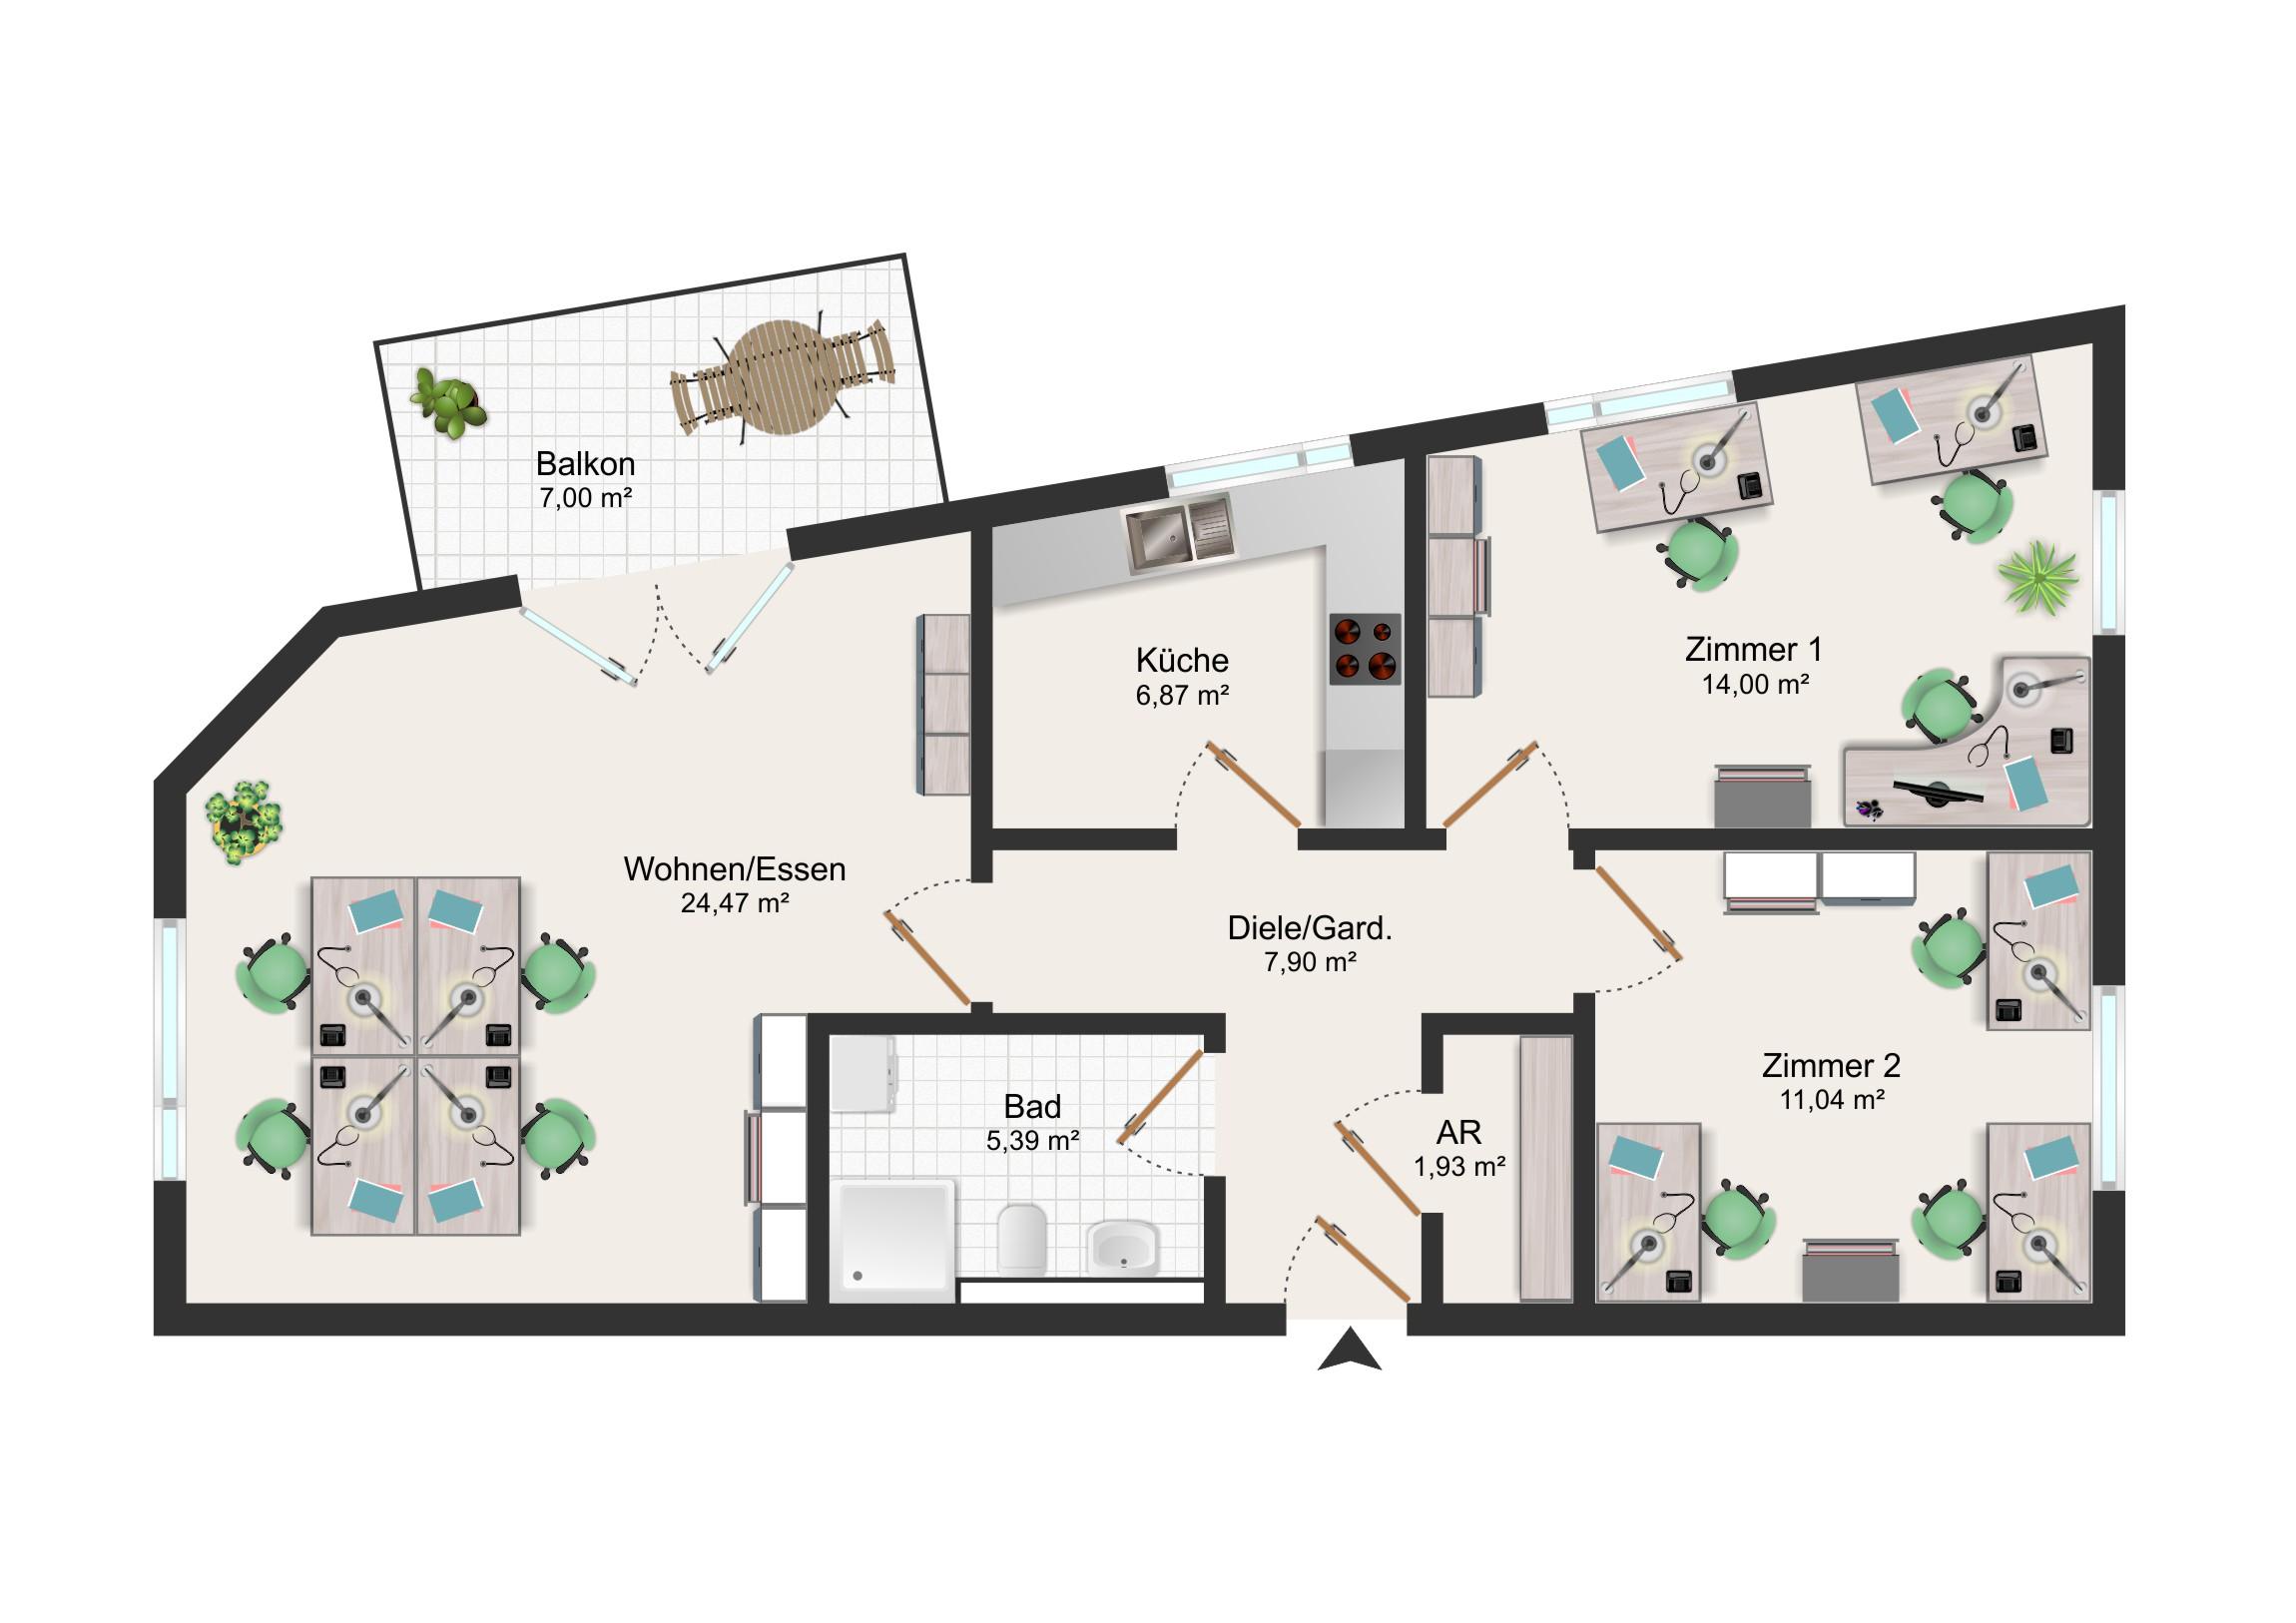 Vermietung von einer Gewerbeeinheit / ca. 74 m² / BÜRO / PRAXIS